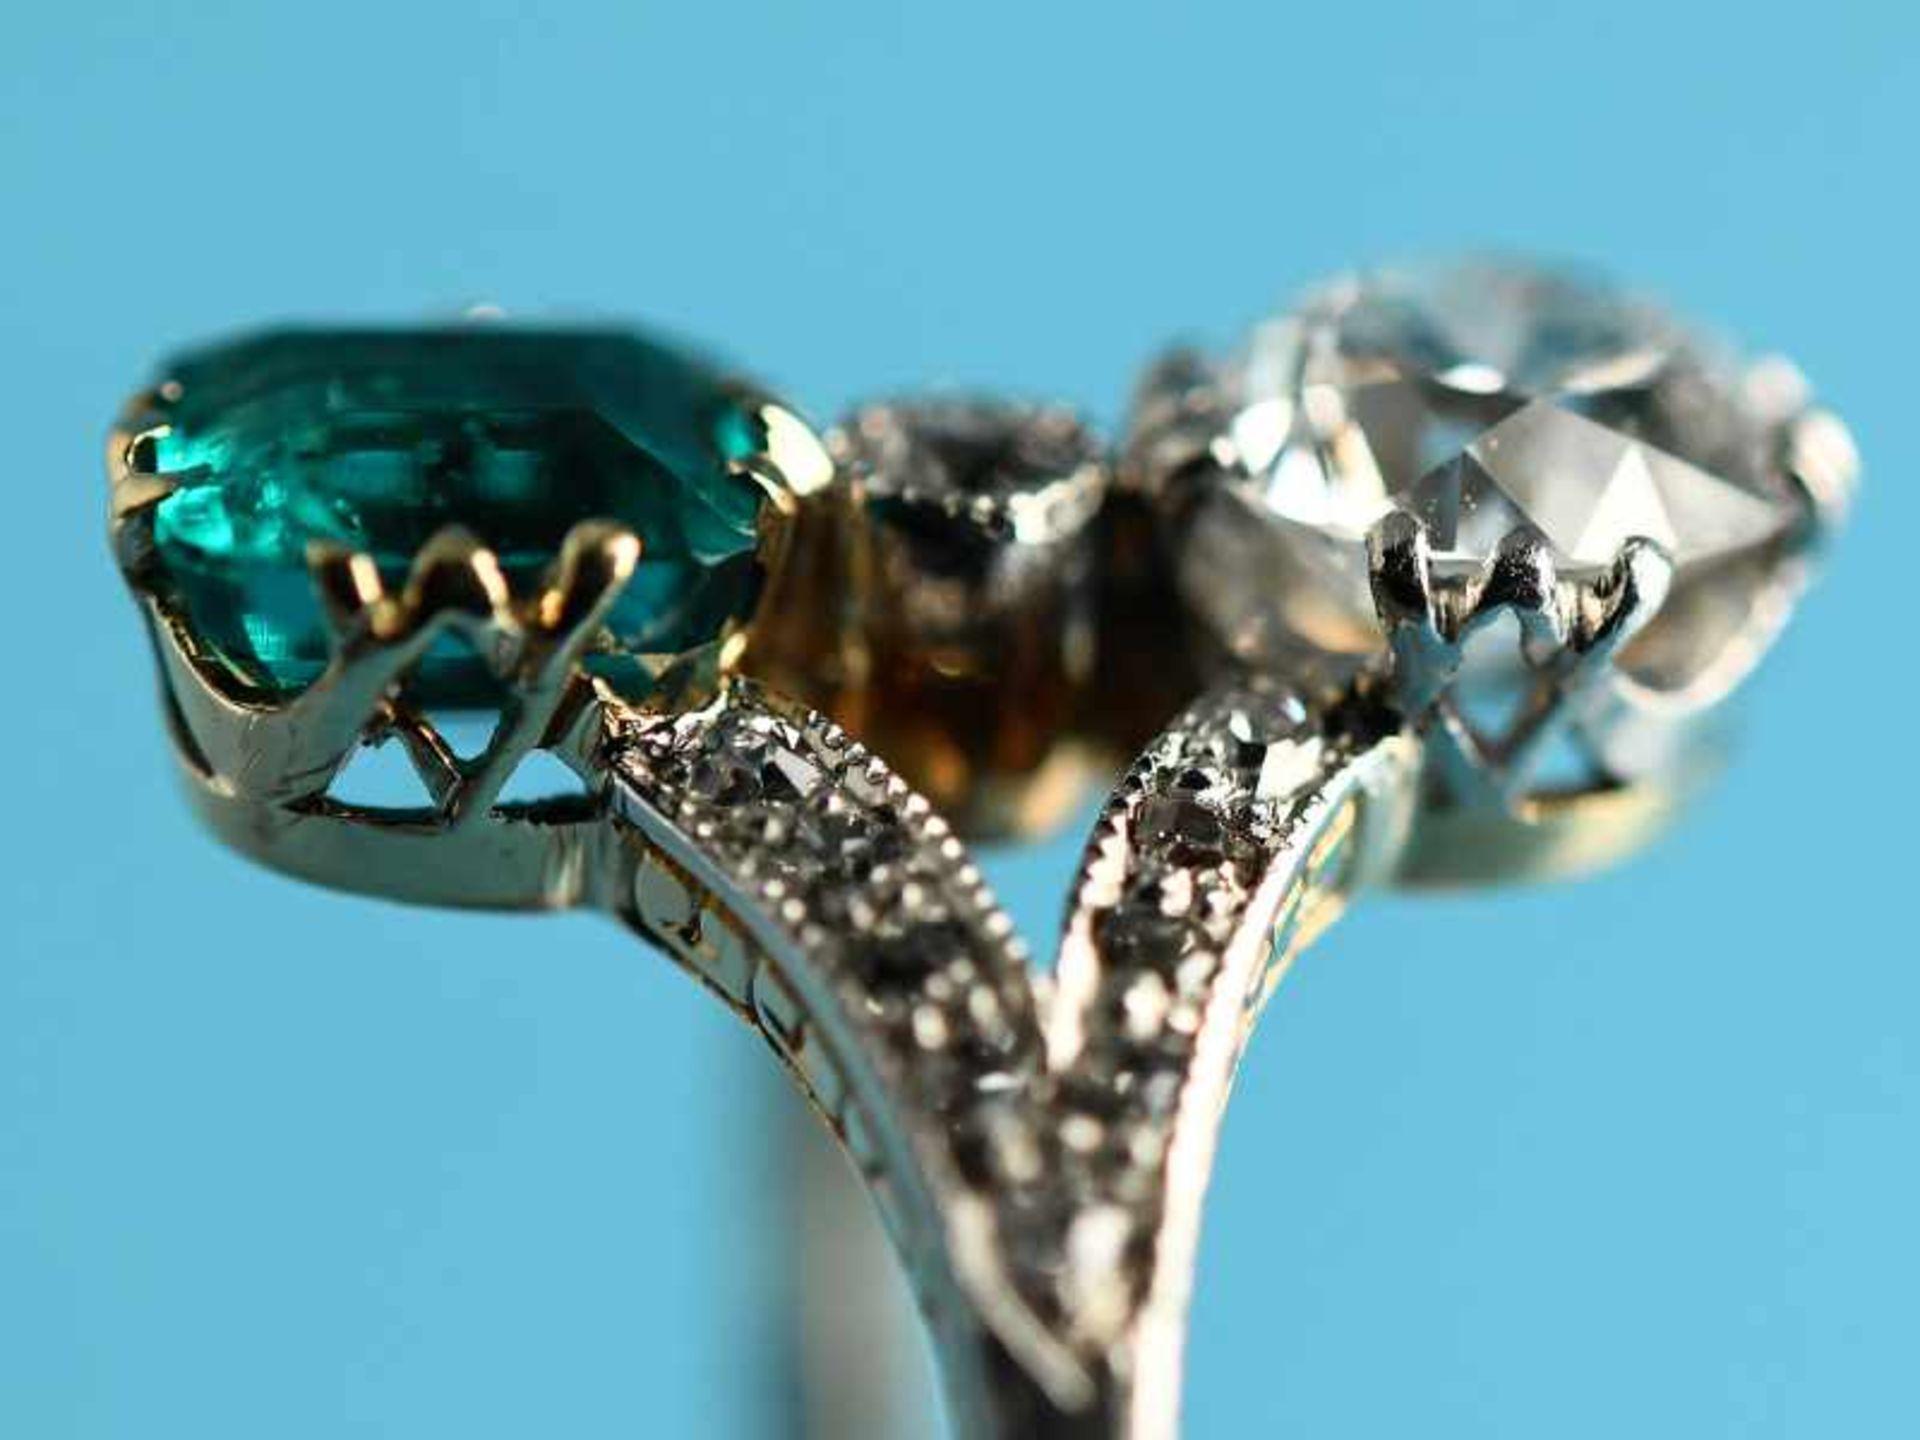 Hochwertiger Art Deco Ring mit Smaragd ca. 0,6 ct, Altschliff-Diamant ca. 0,65 ct und 19 kleinen - Bild 5 aus 9